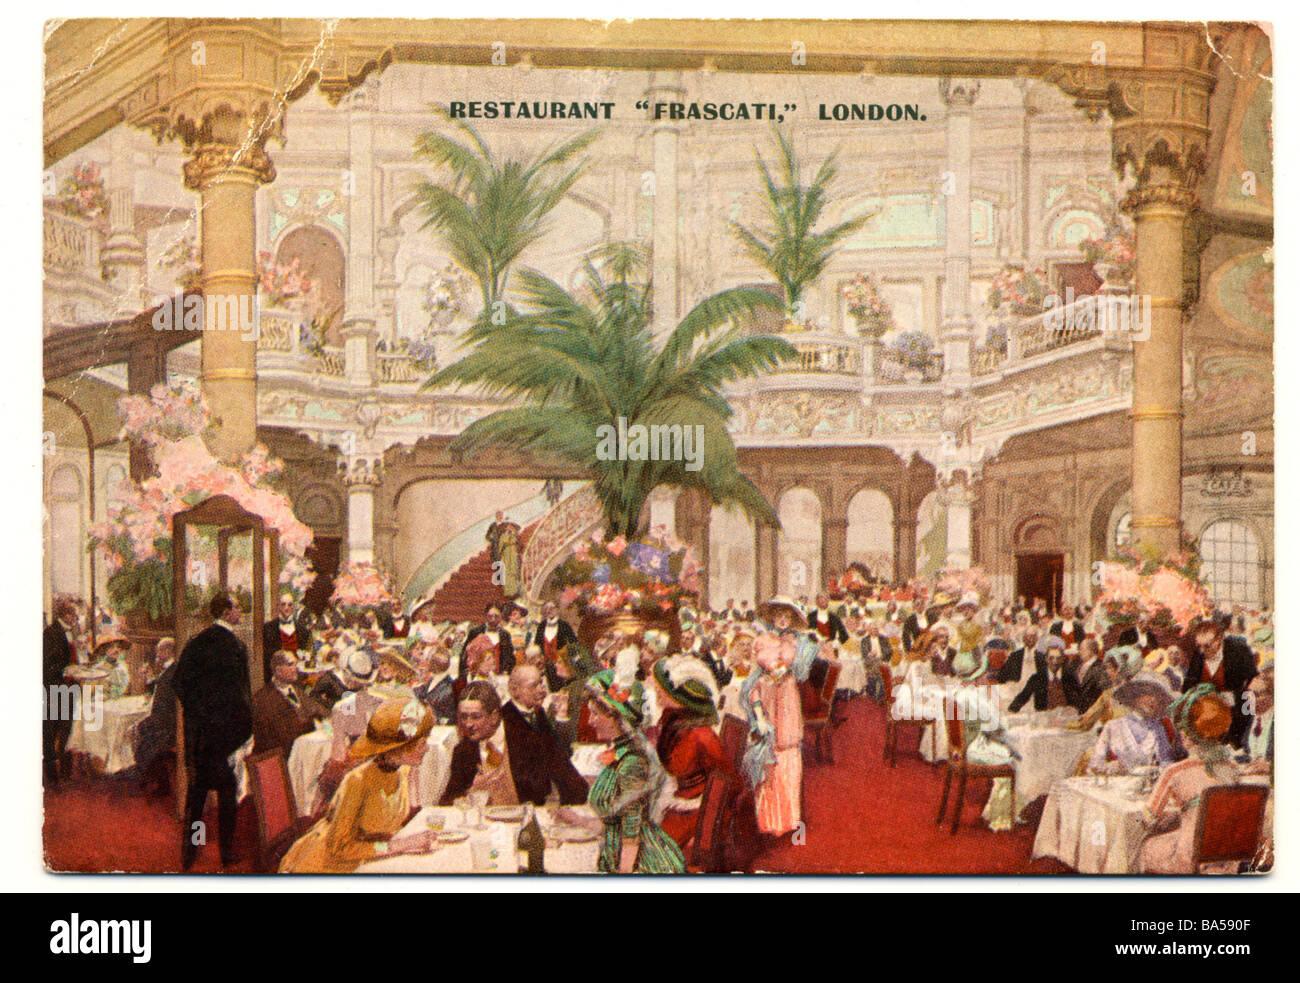 Cartão postal vitoriano antigo pintado à mão do Restaurante Frascati em Londres em 1895 Imagens de Stock